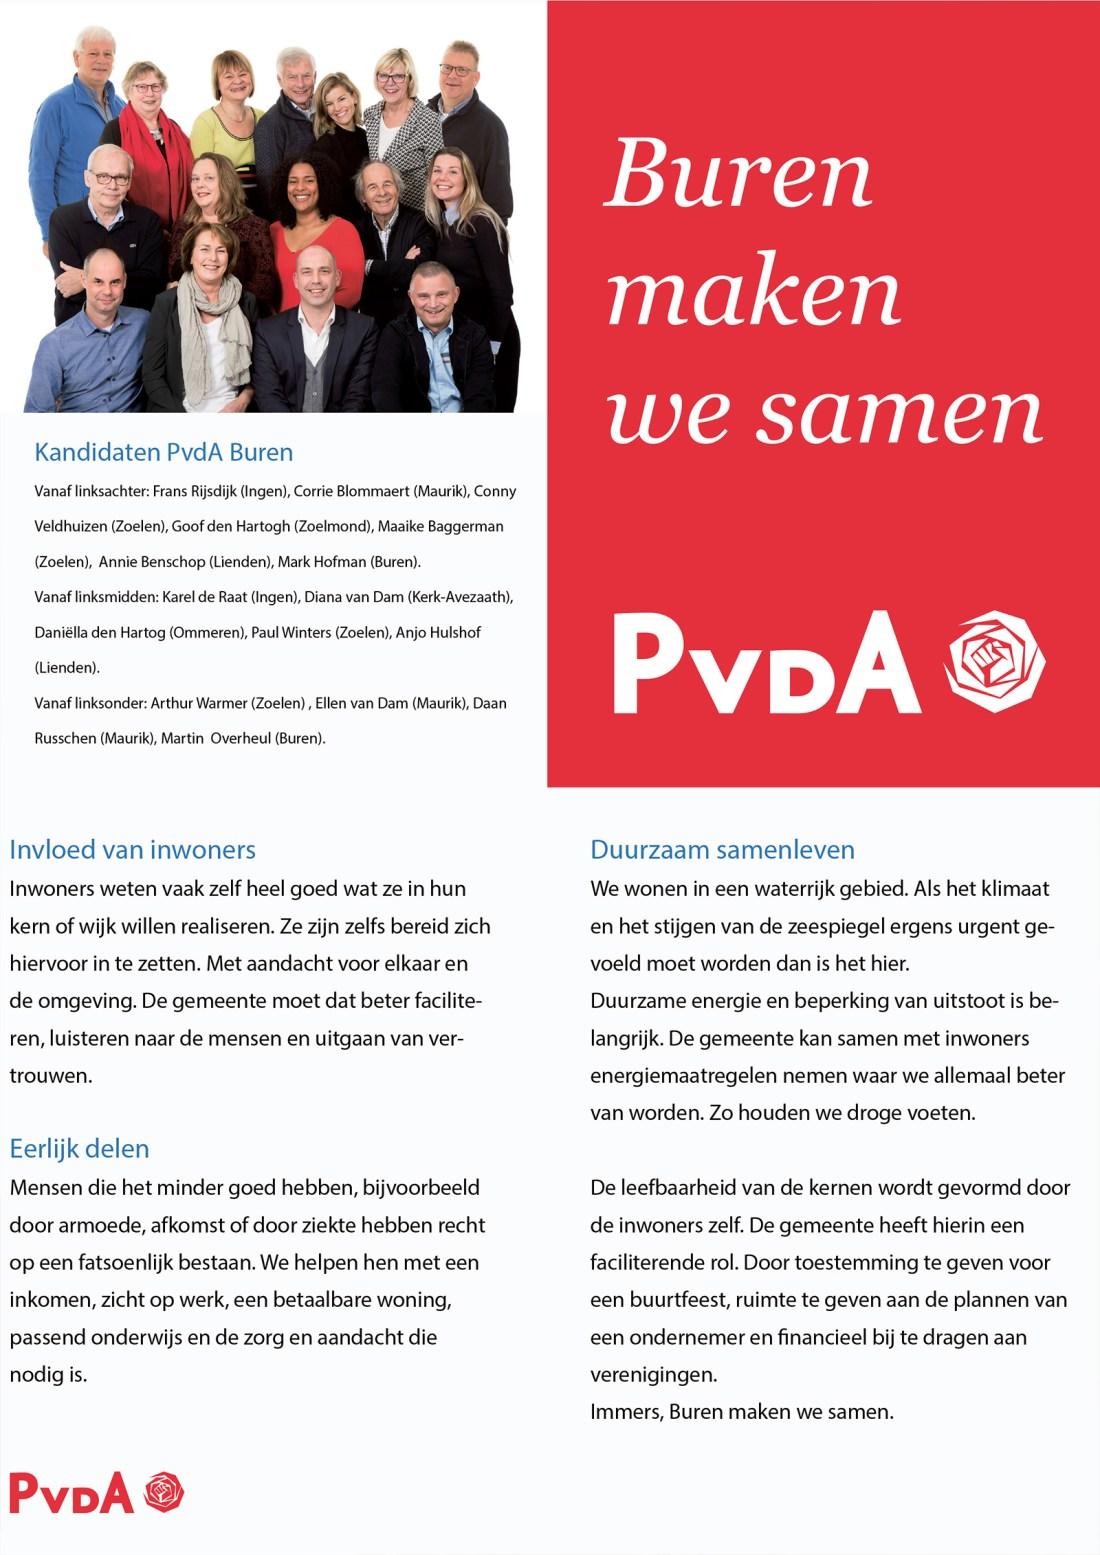 PvdA Buren